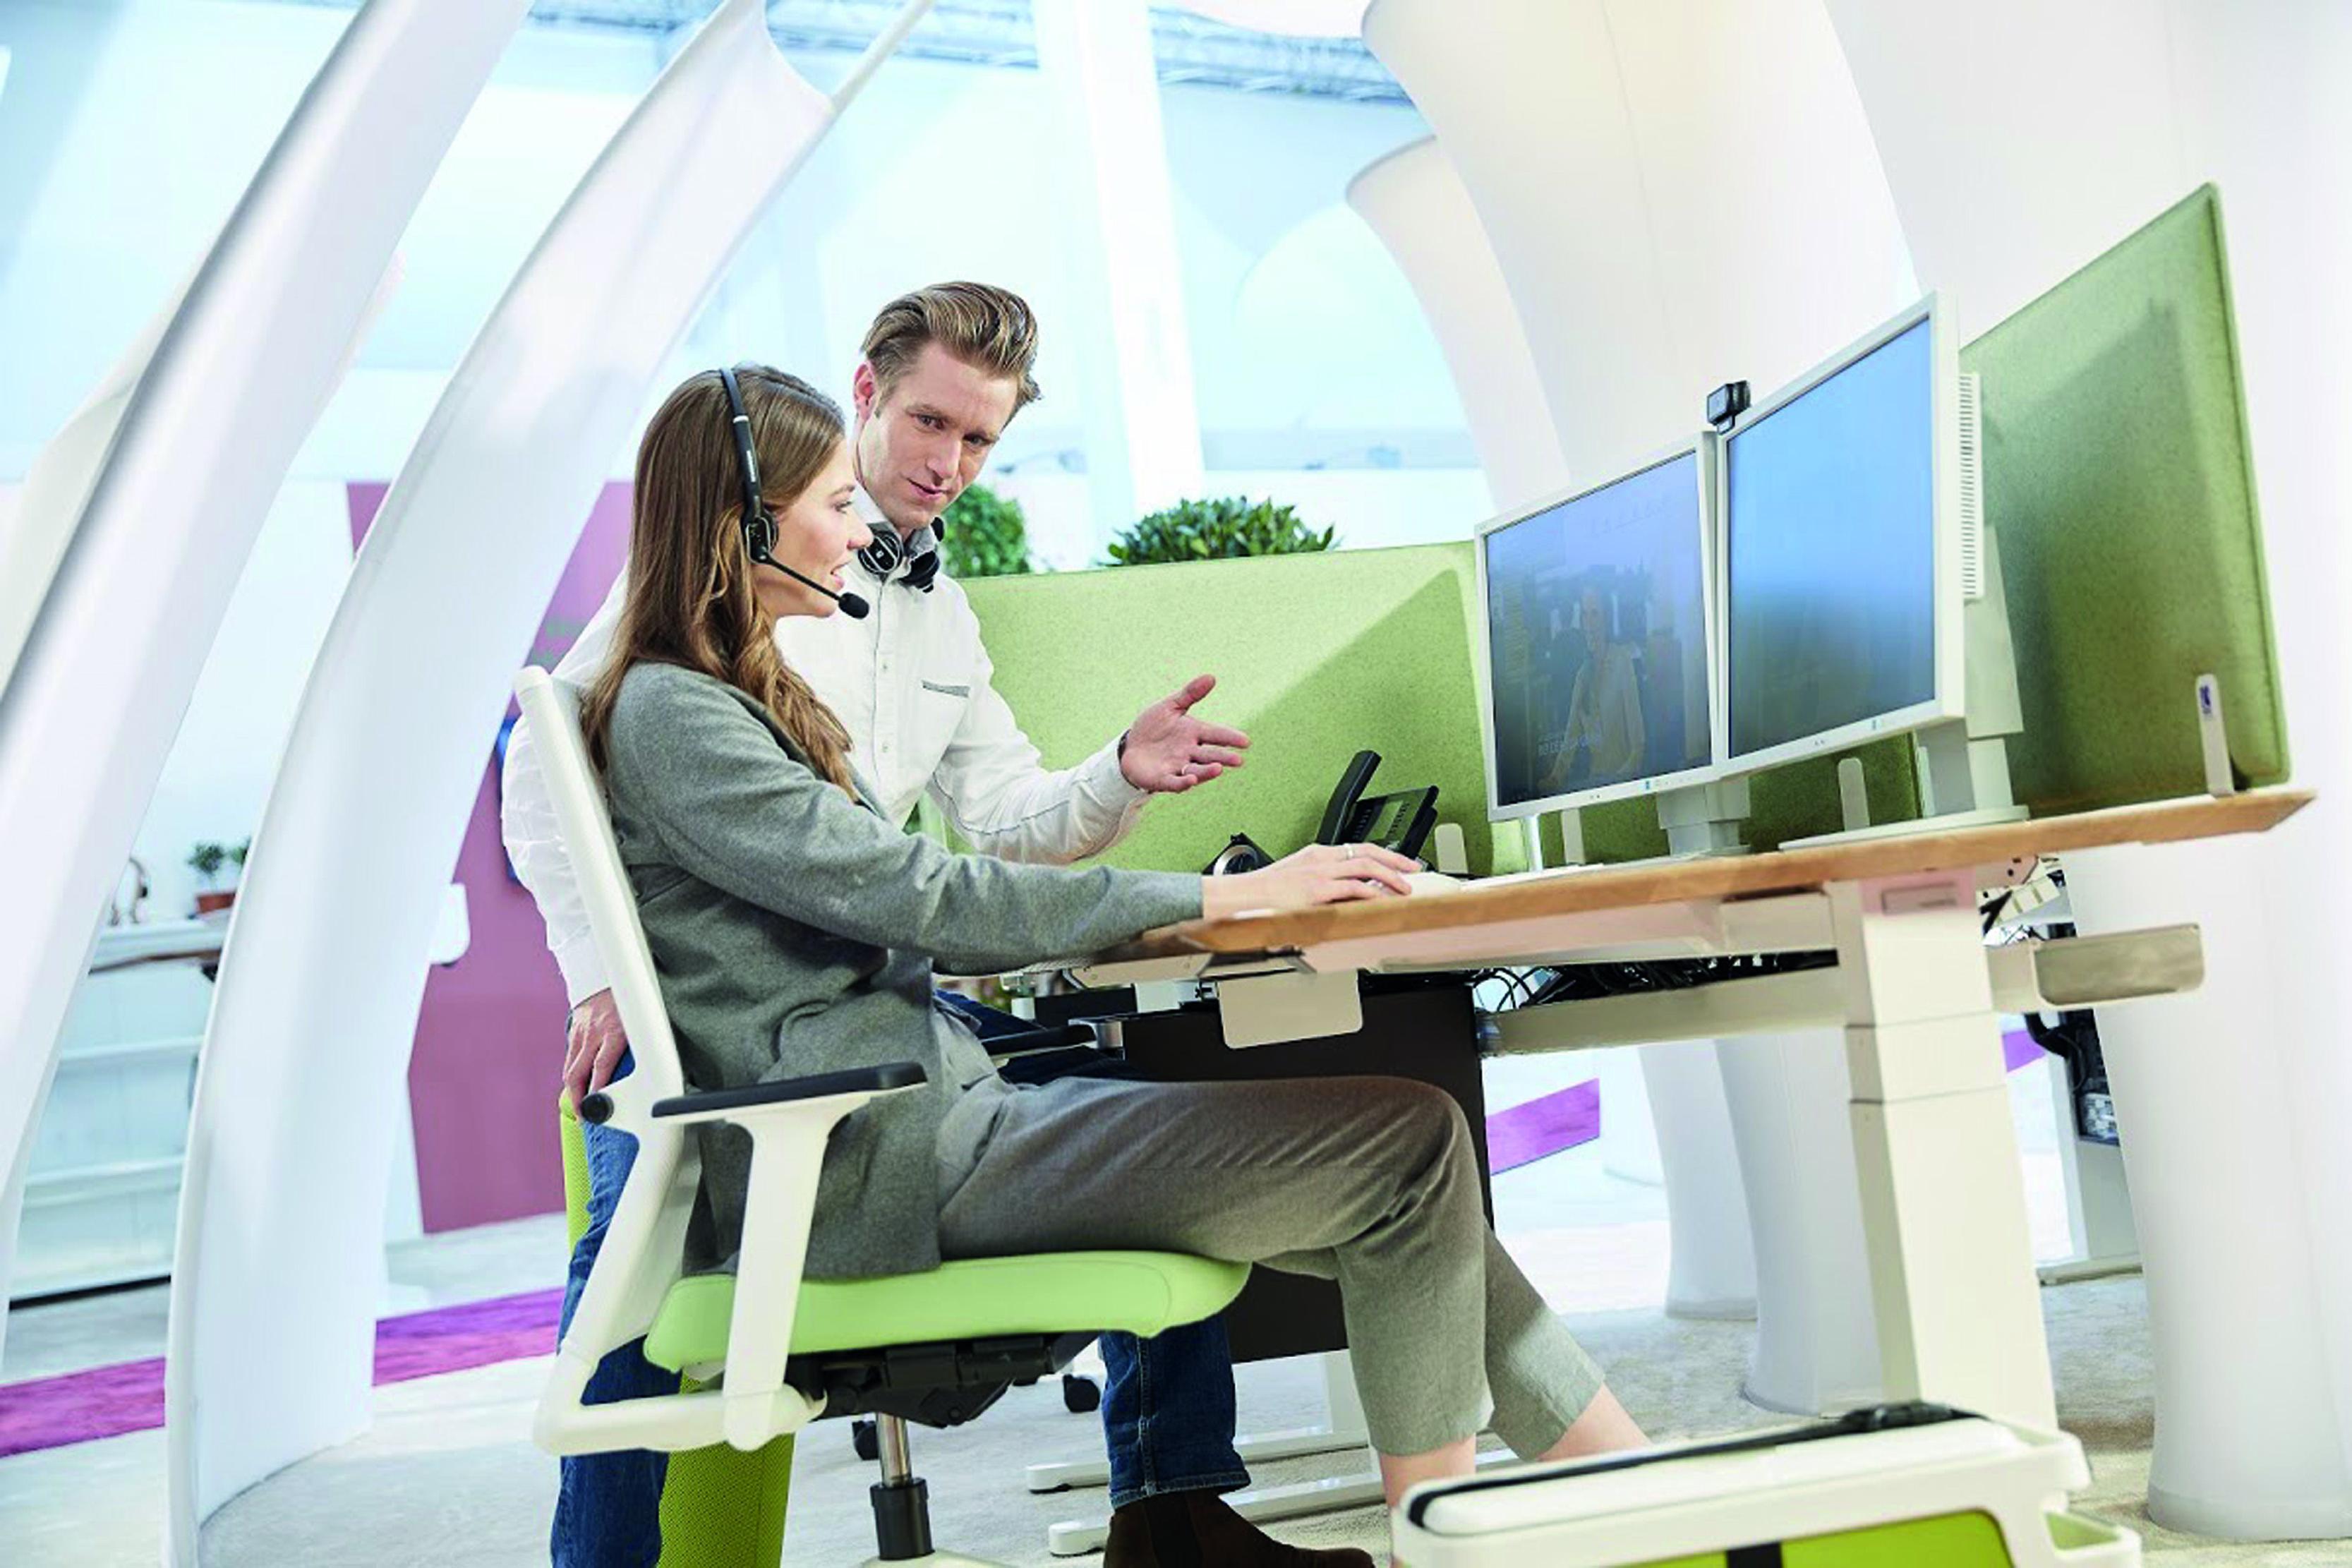 Büromitarbeiterin am futuristischen Arbeitsplatz